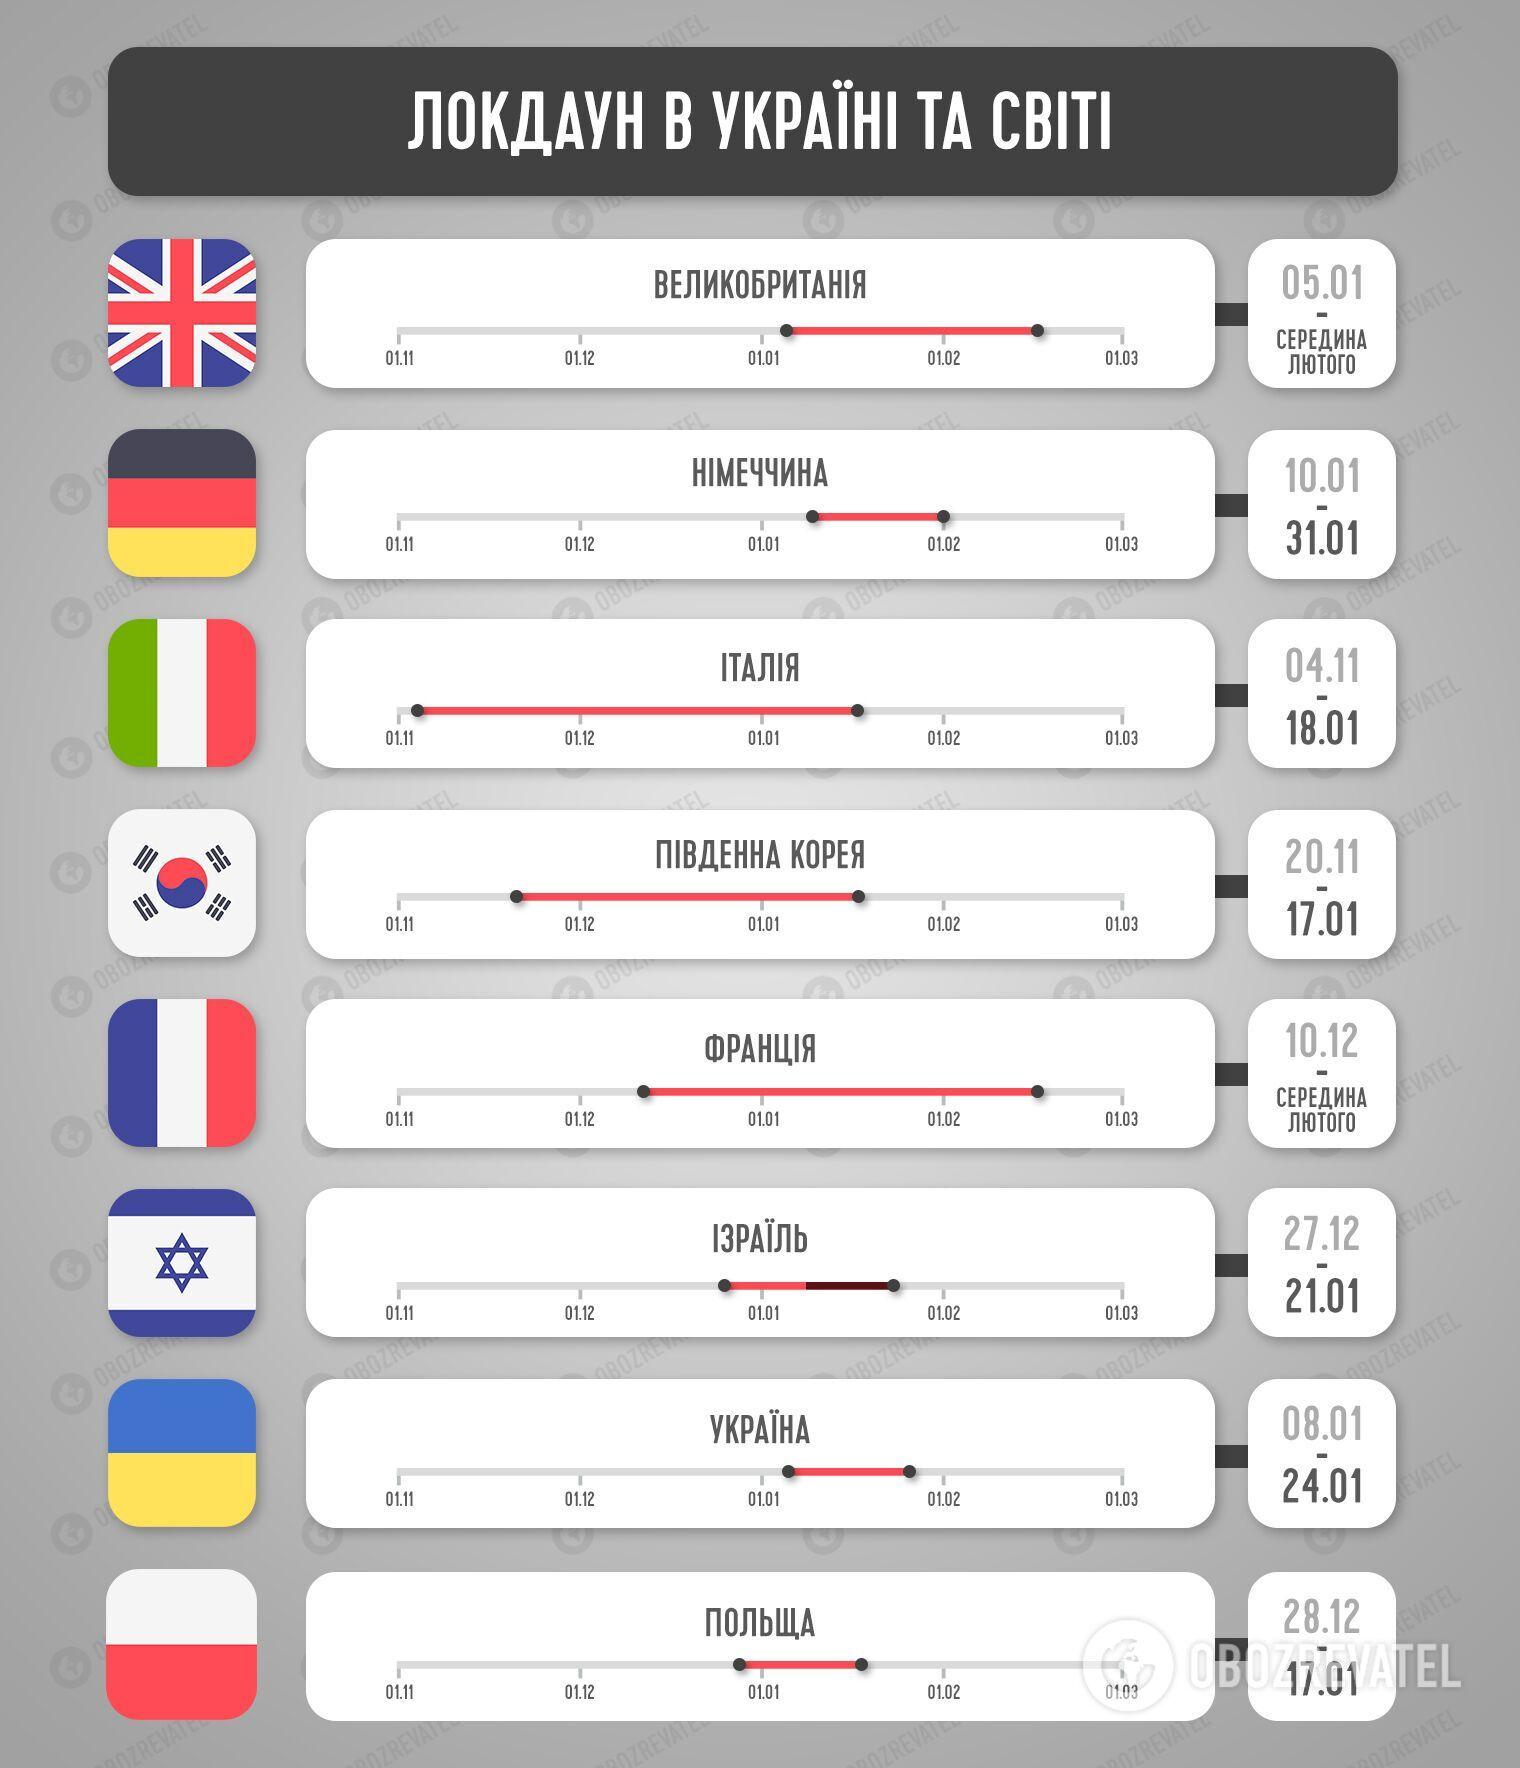 Длительность локдауна в европейских странах и в Украине